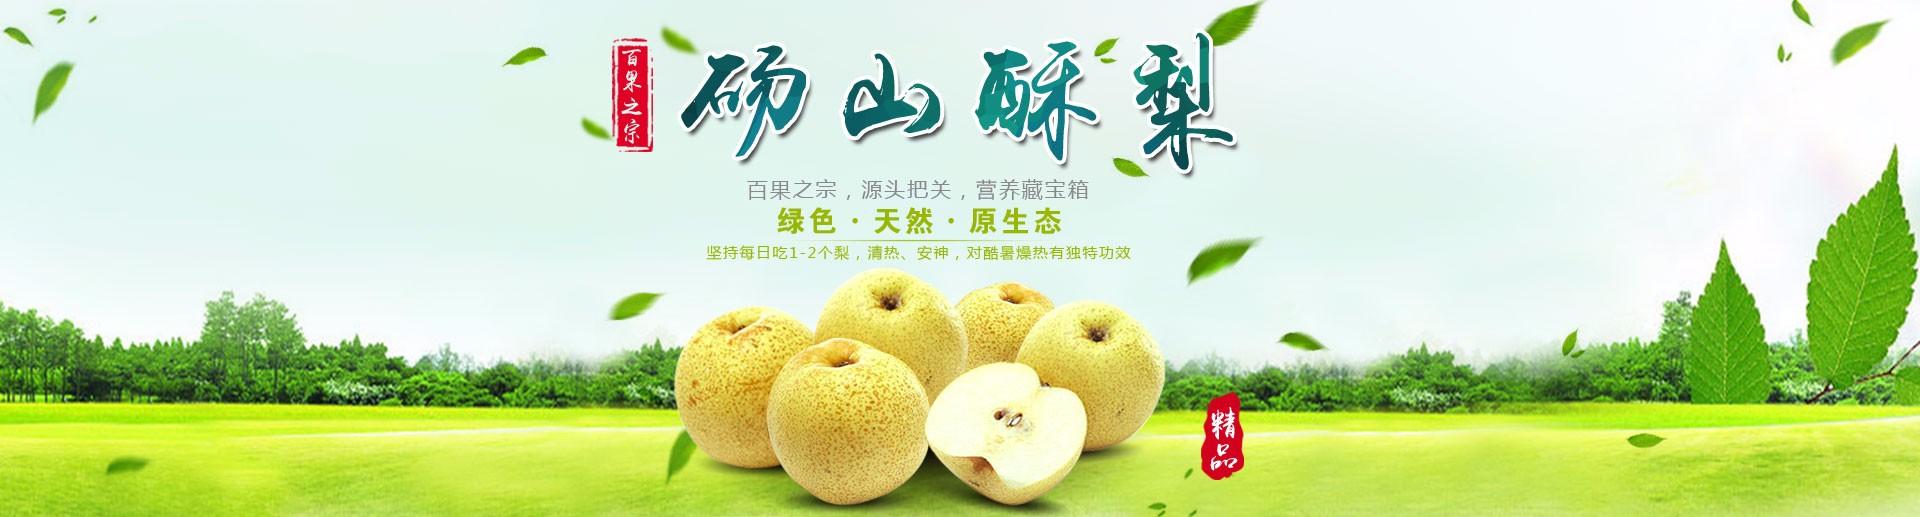 中国梨产业网重点推荐优质砀山酥梨